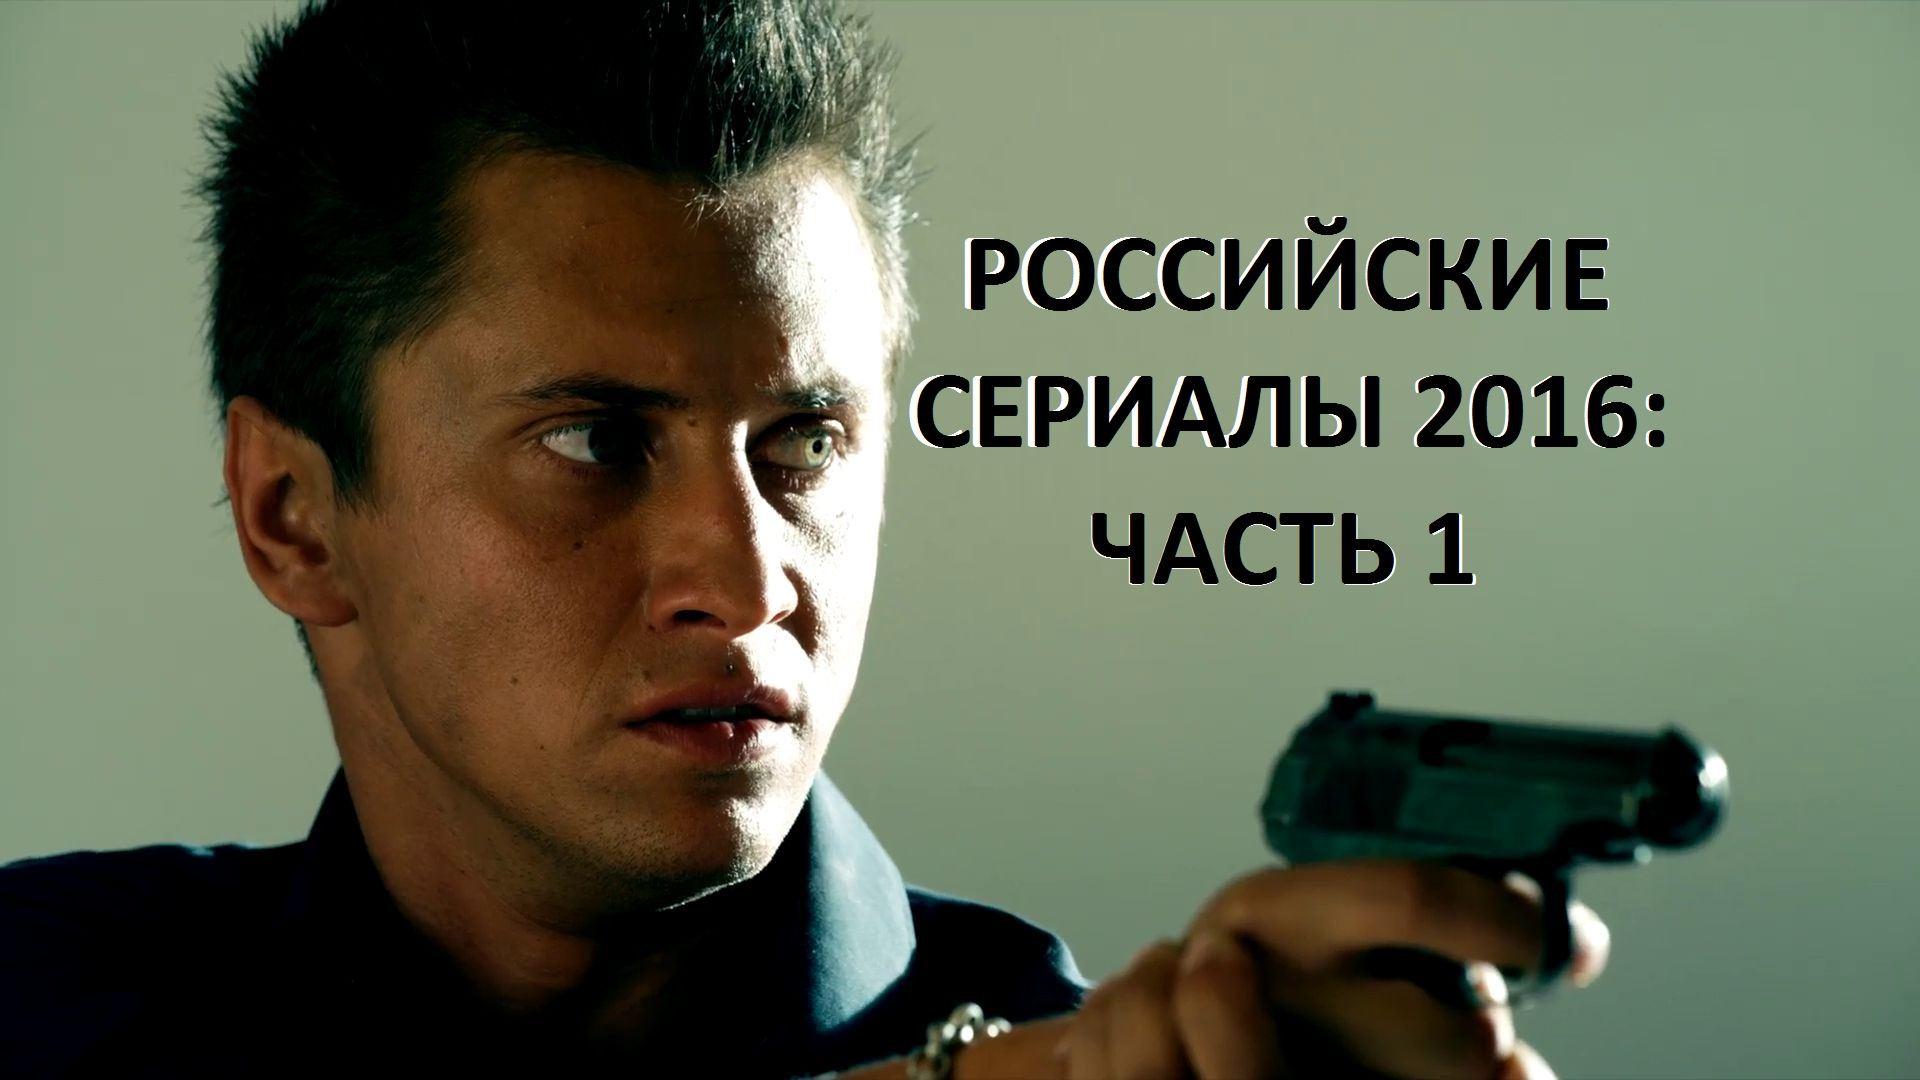 Русские сериалы: какие премьеры нас ждут осенью 2016?